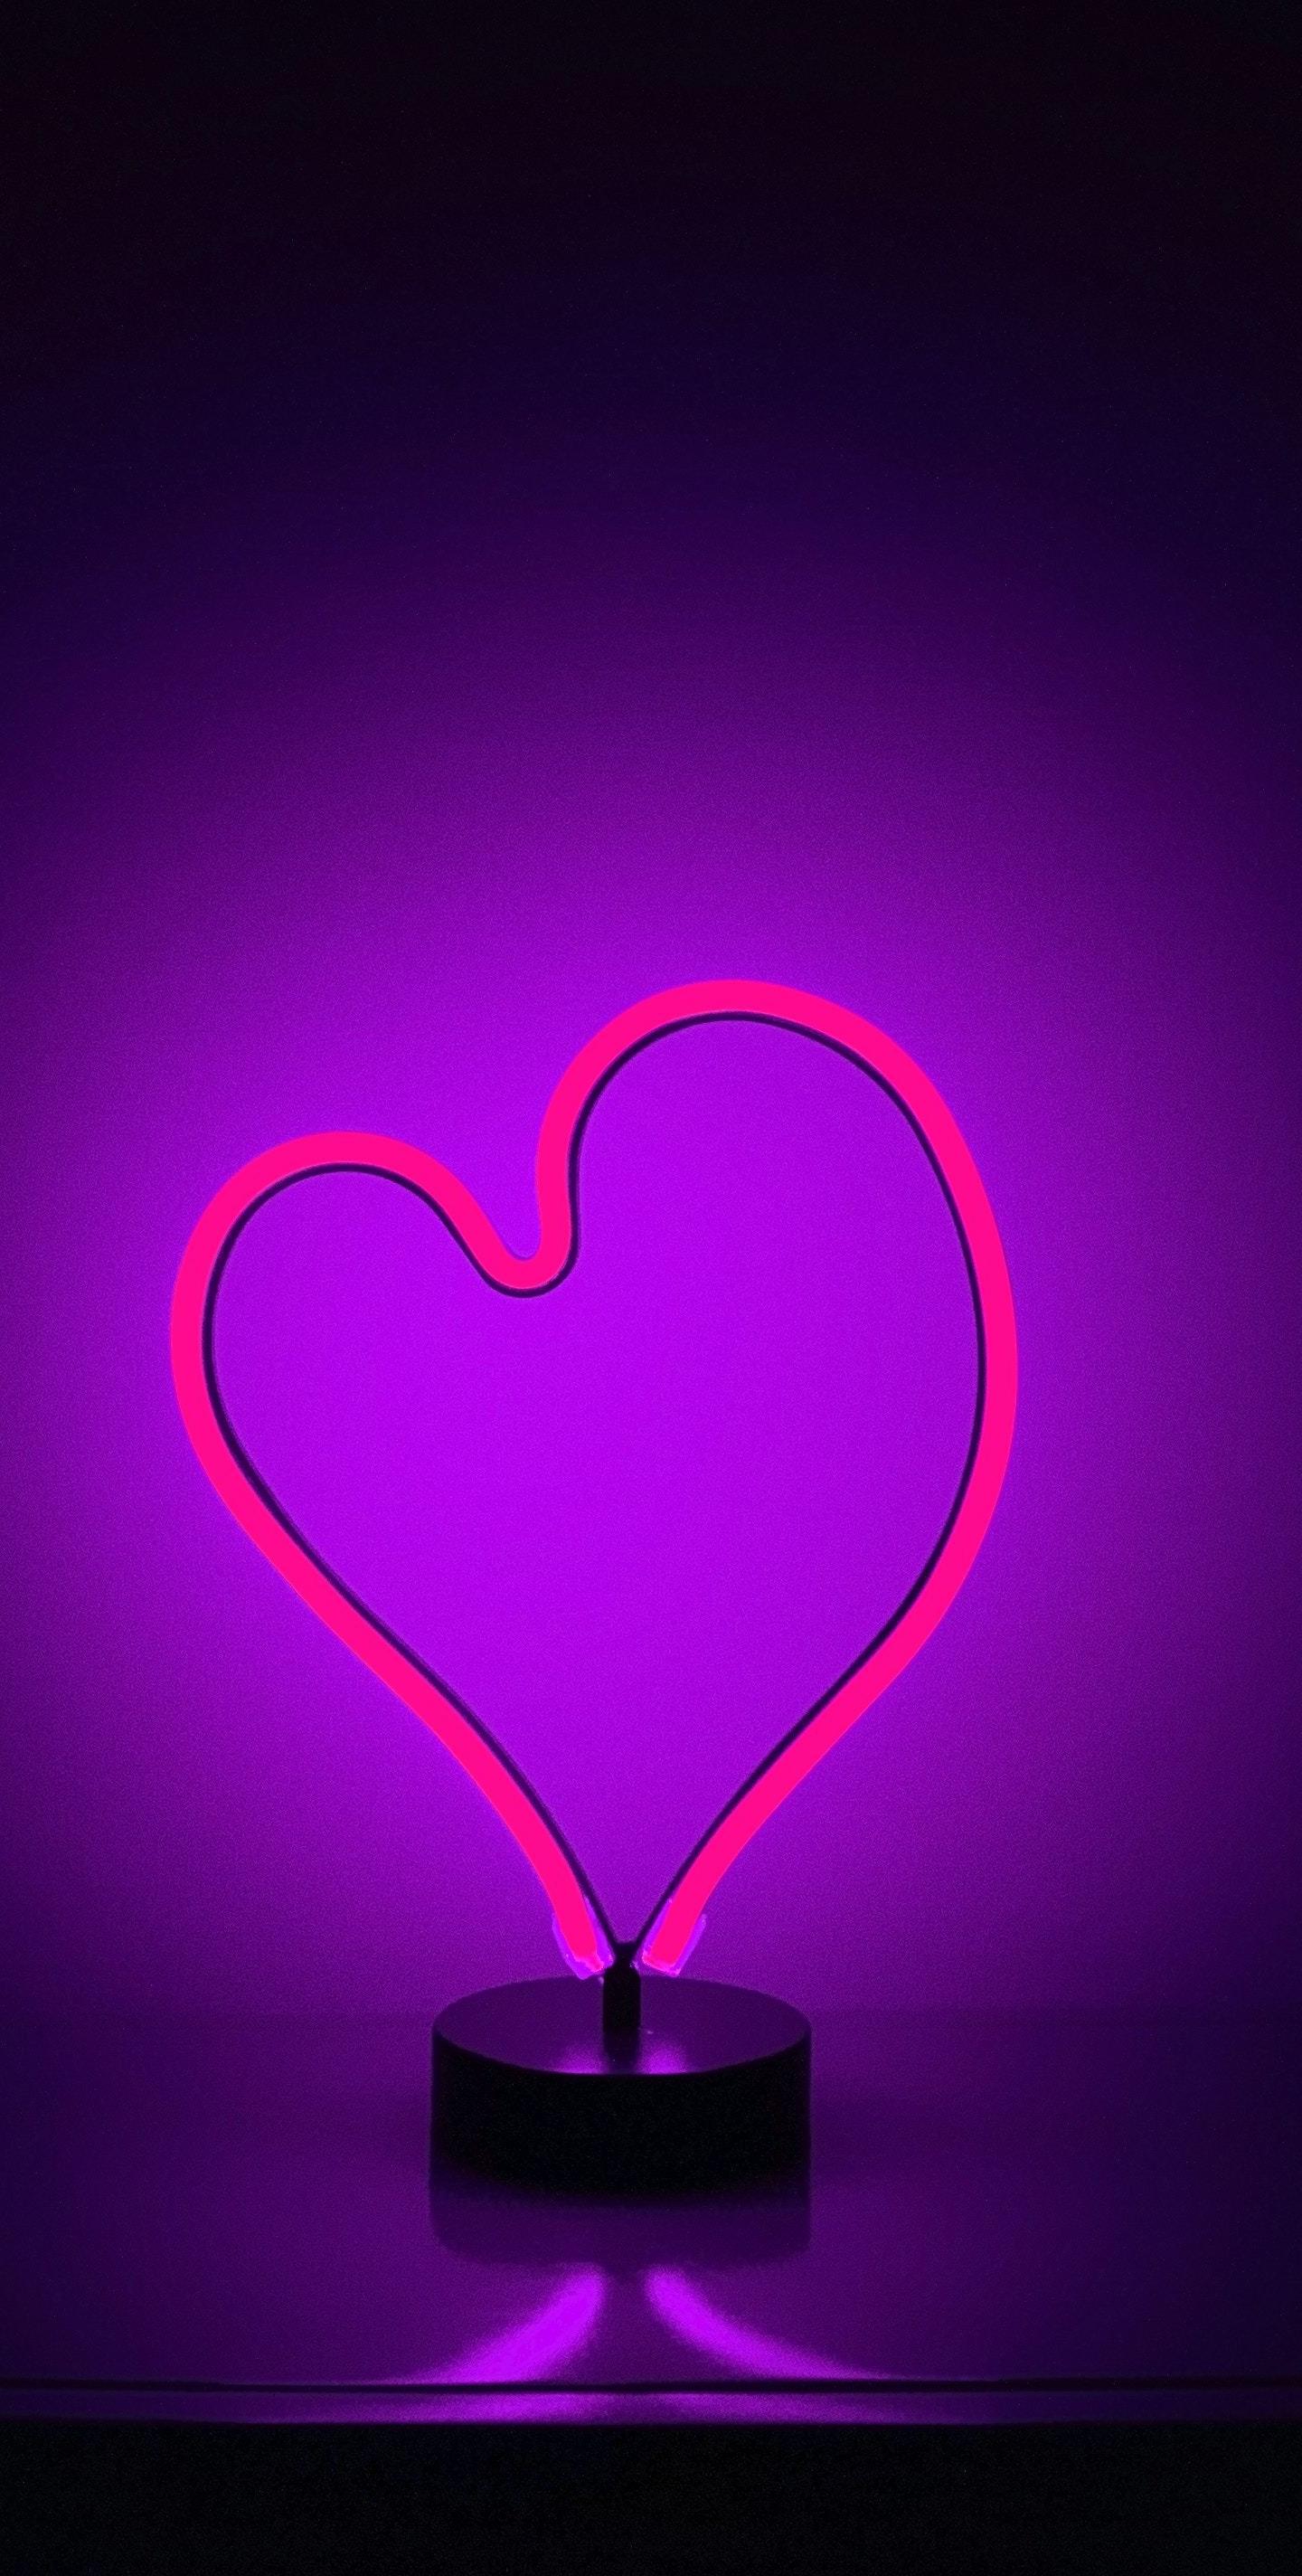 love heart neon purple light 4k